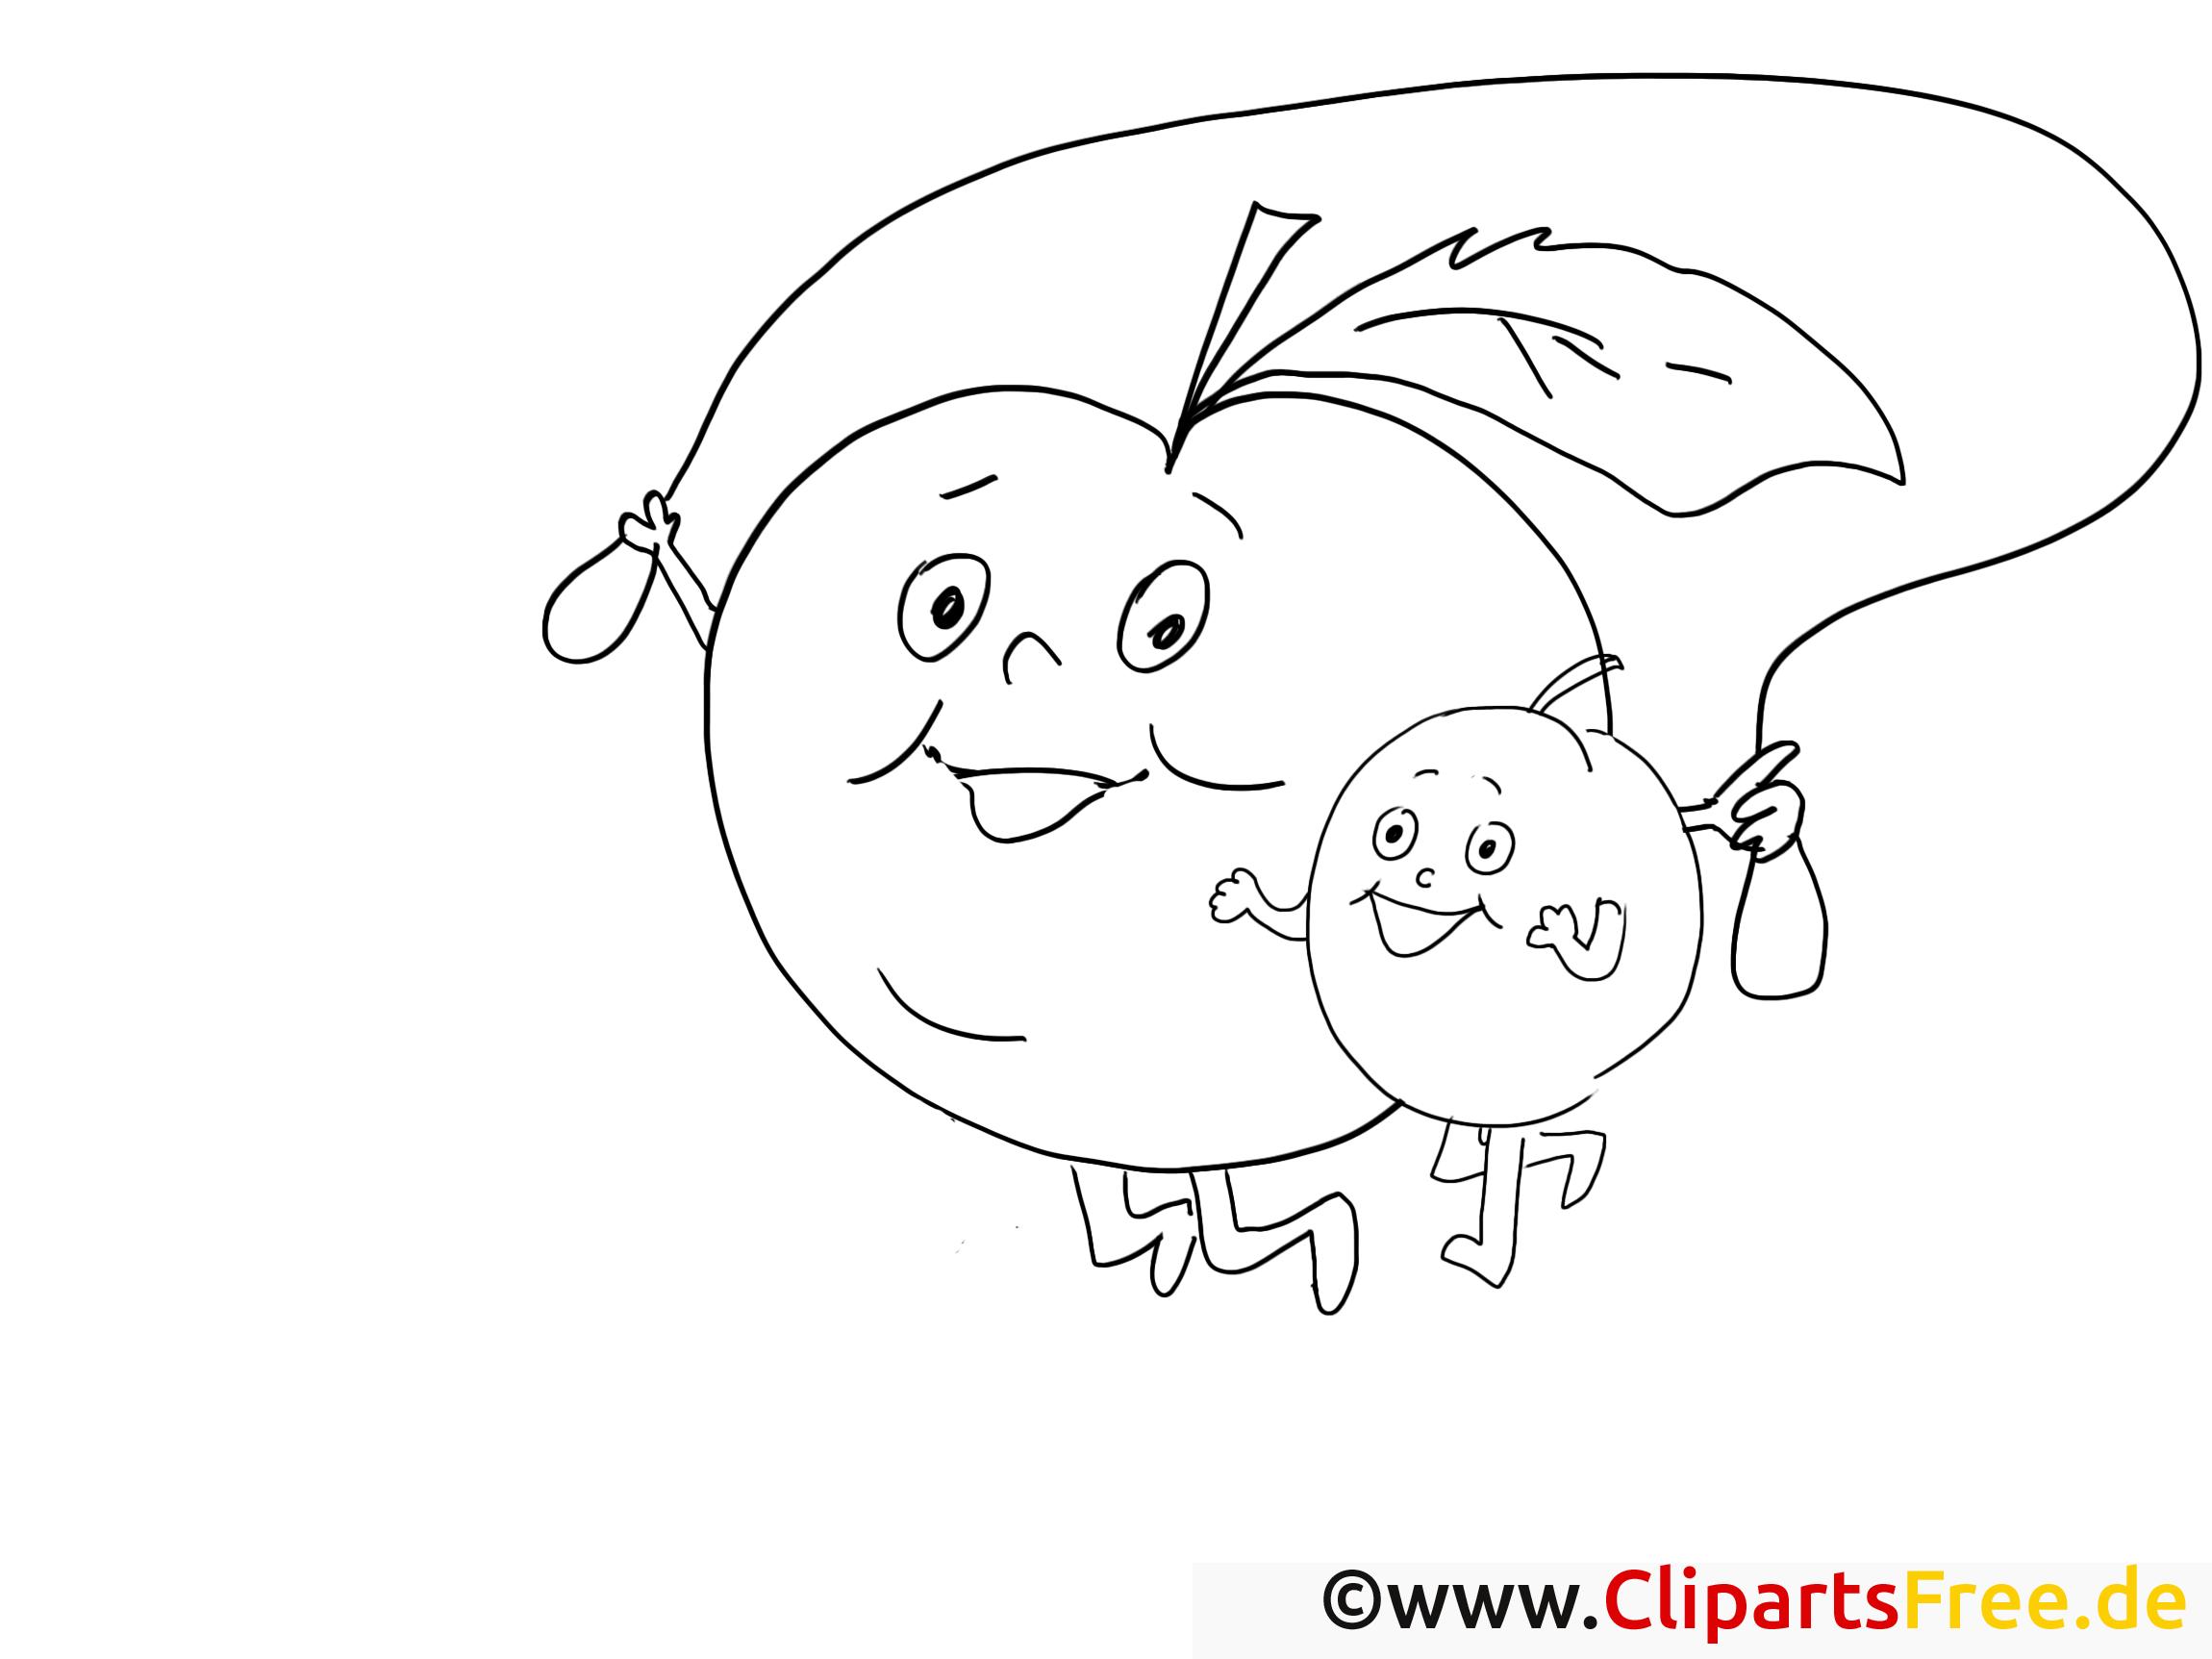 großer apfel mit kind malvorlage